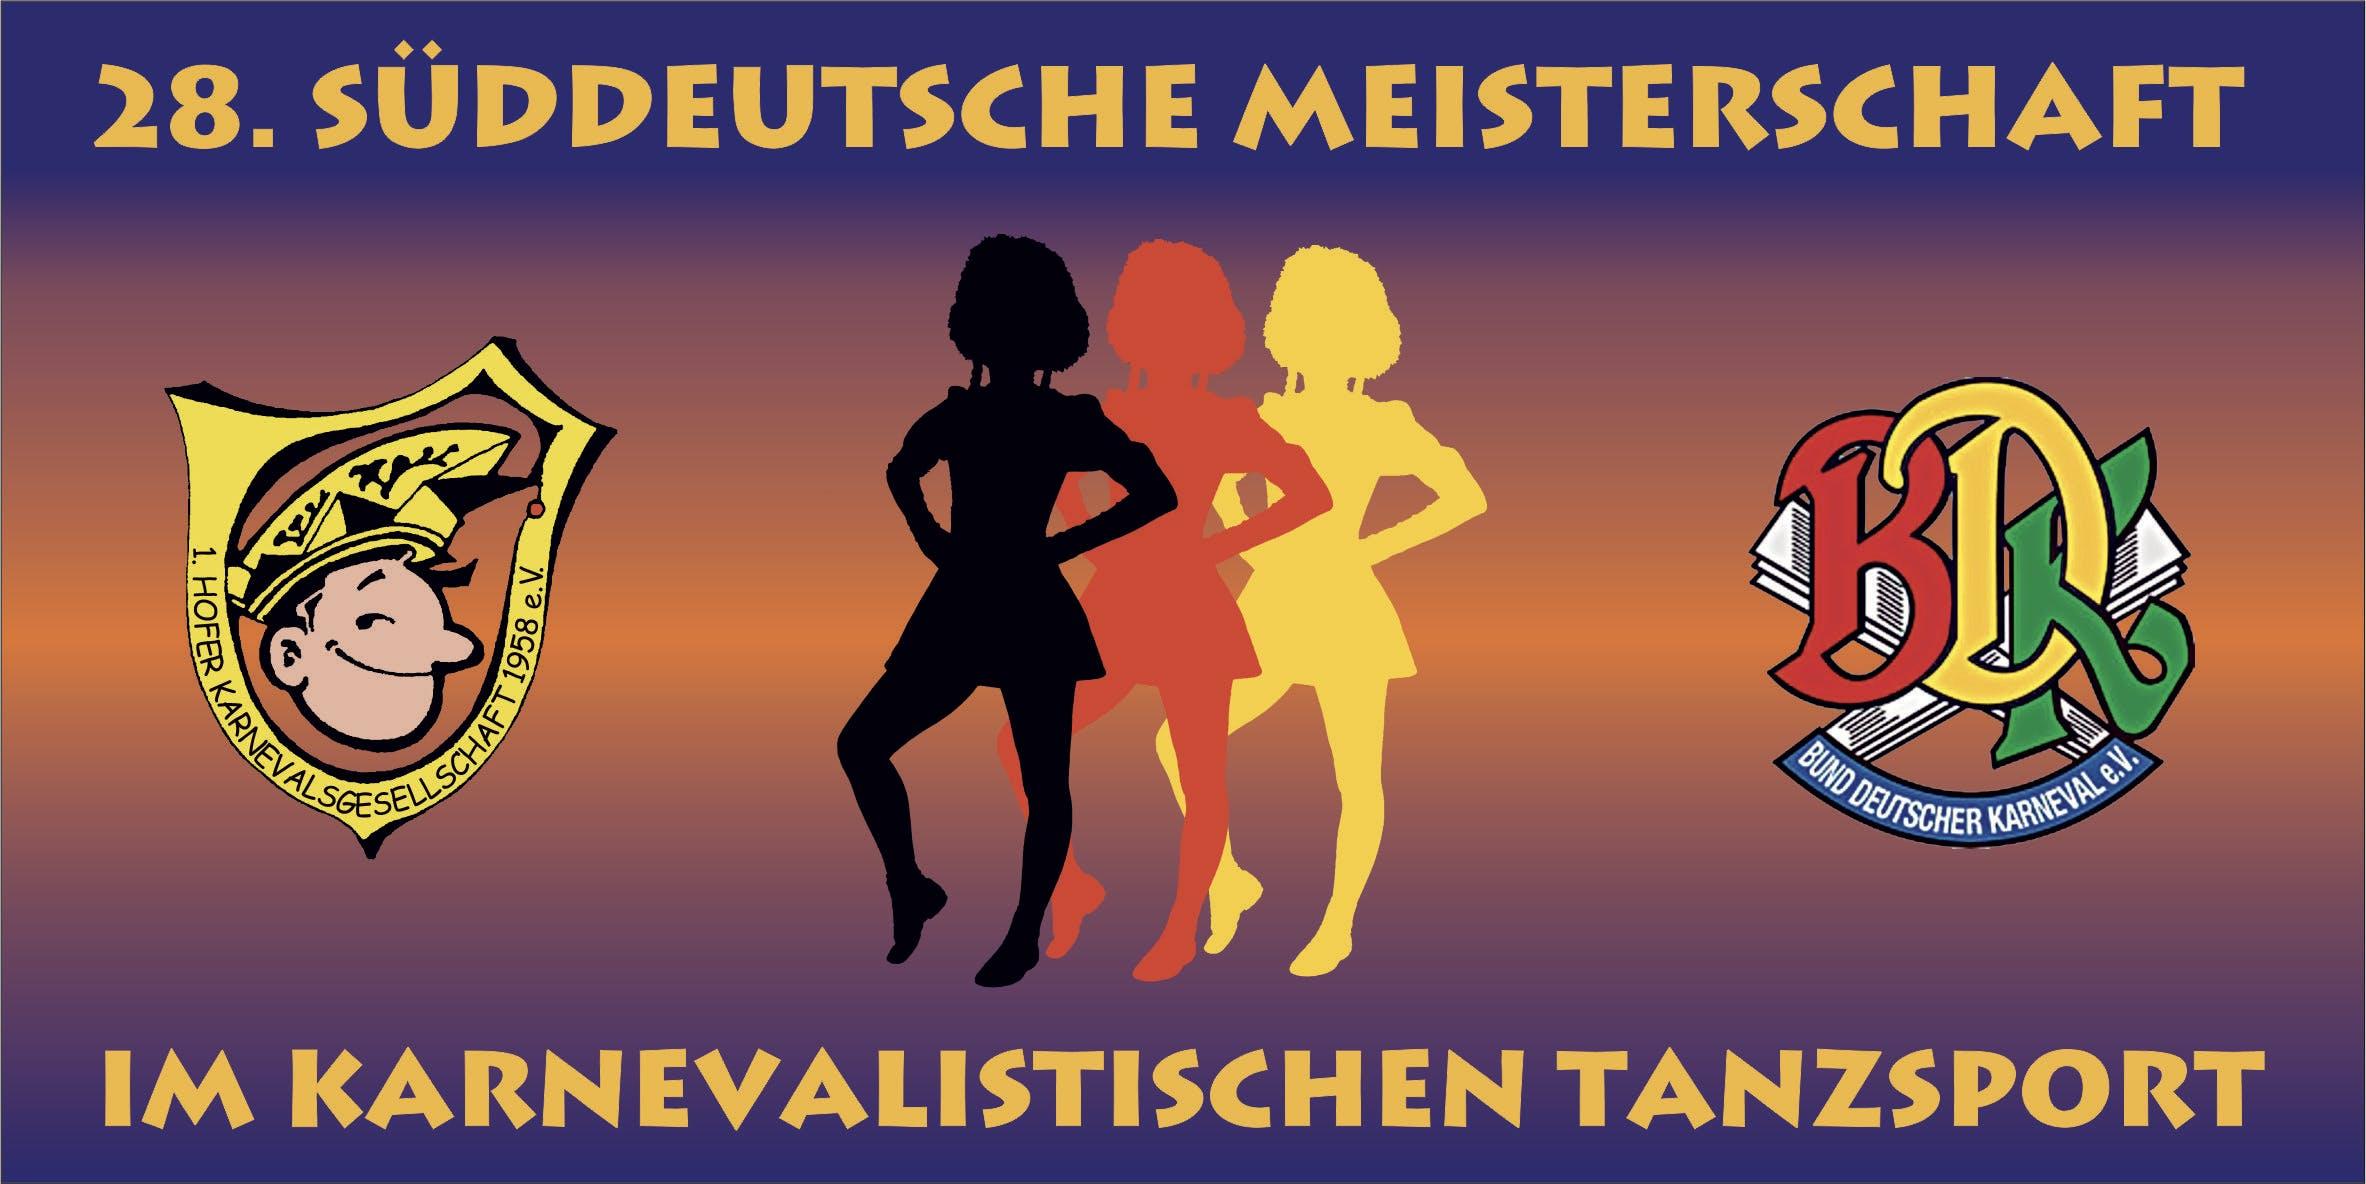 28. Süddeutsche Meisterschaft im karnevalisti